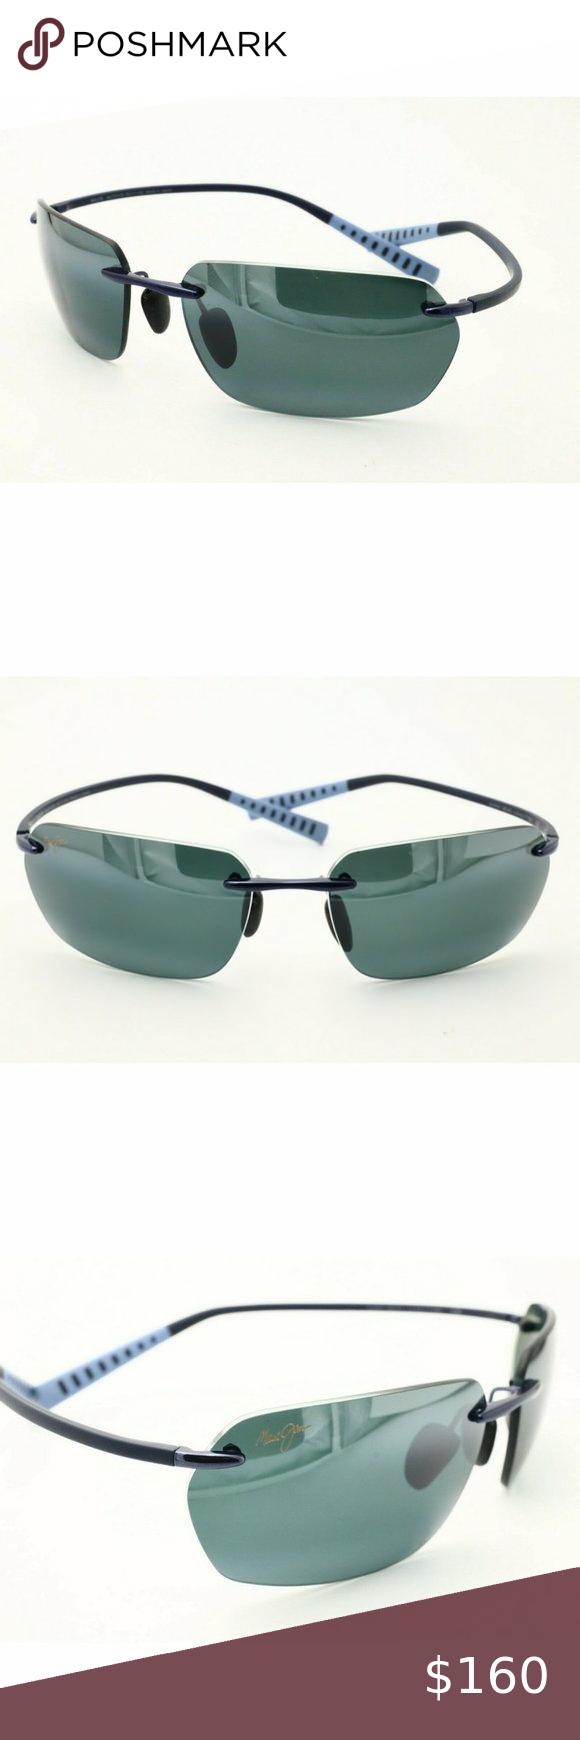 Maui Jim Alakai 7430 06 Rimless Black Sunglasses Maui Jim Maui Jim Sunglasses Black Sunglasses